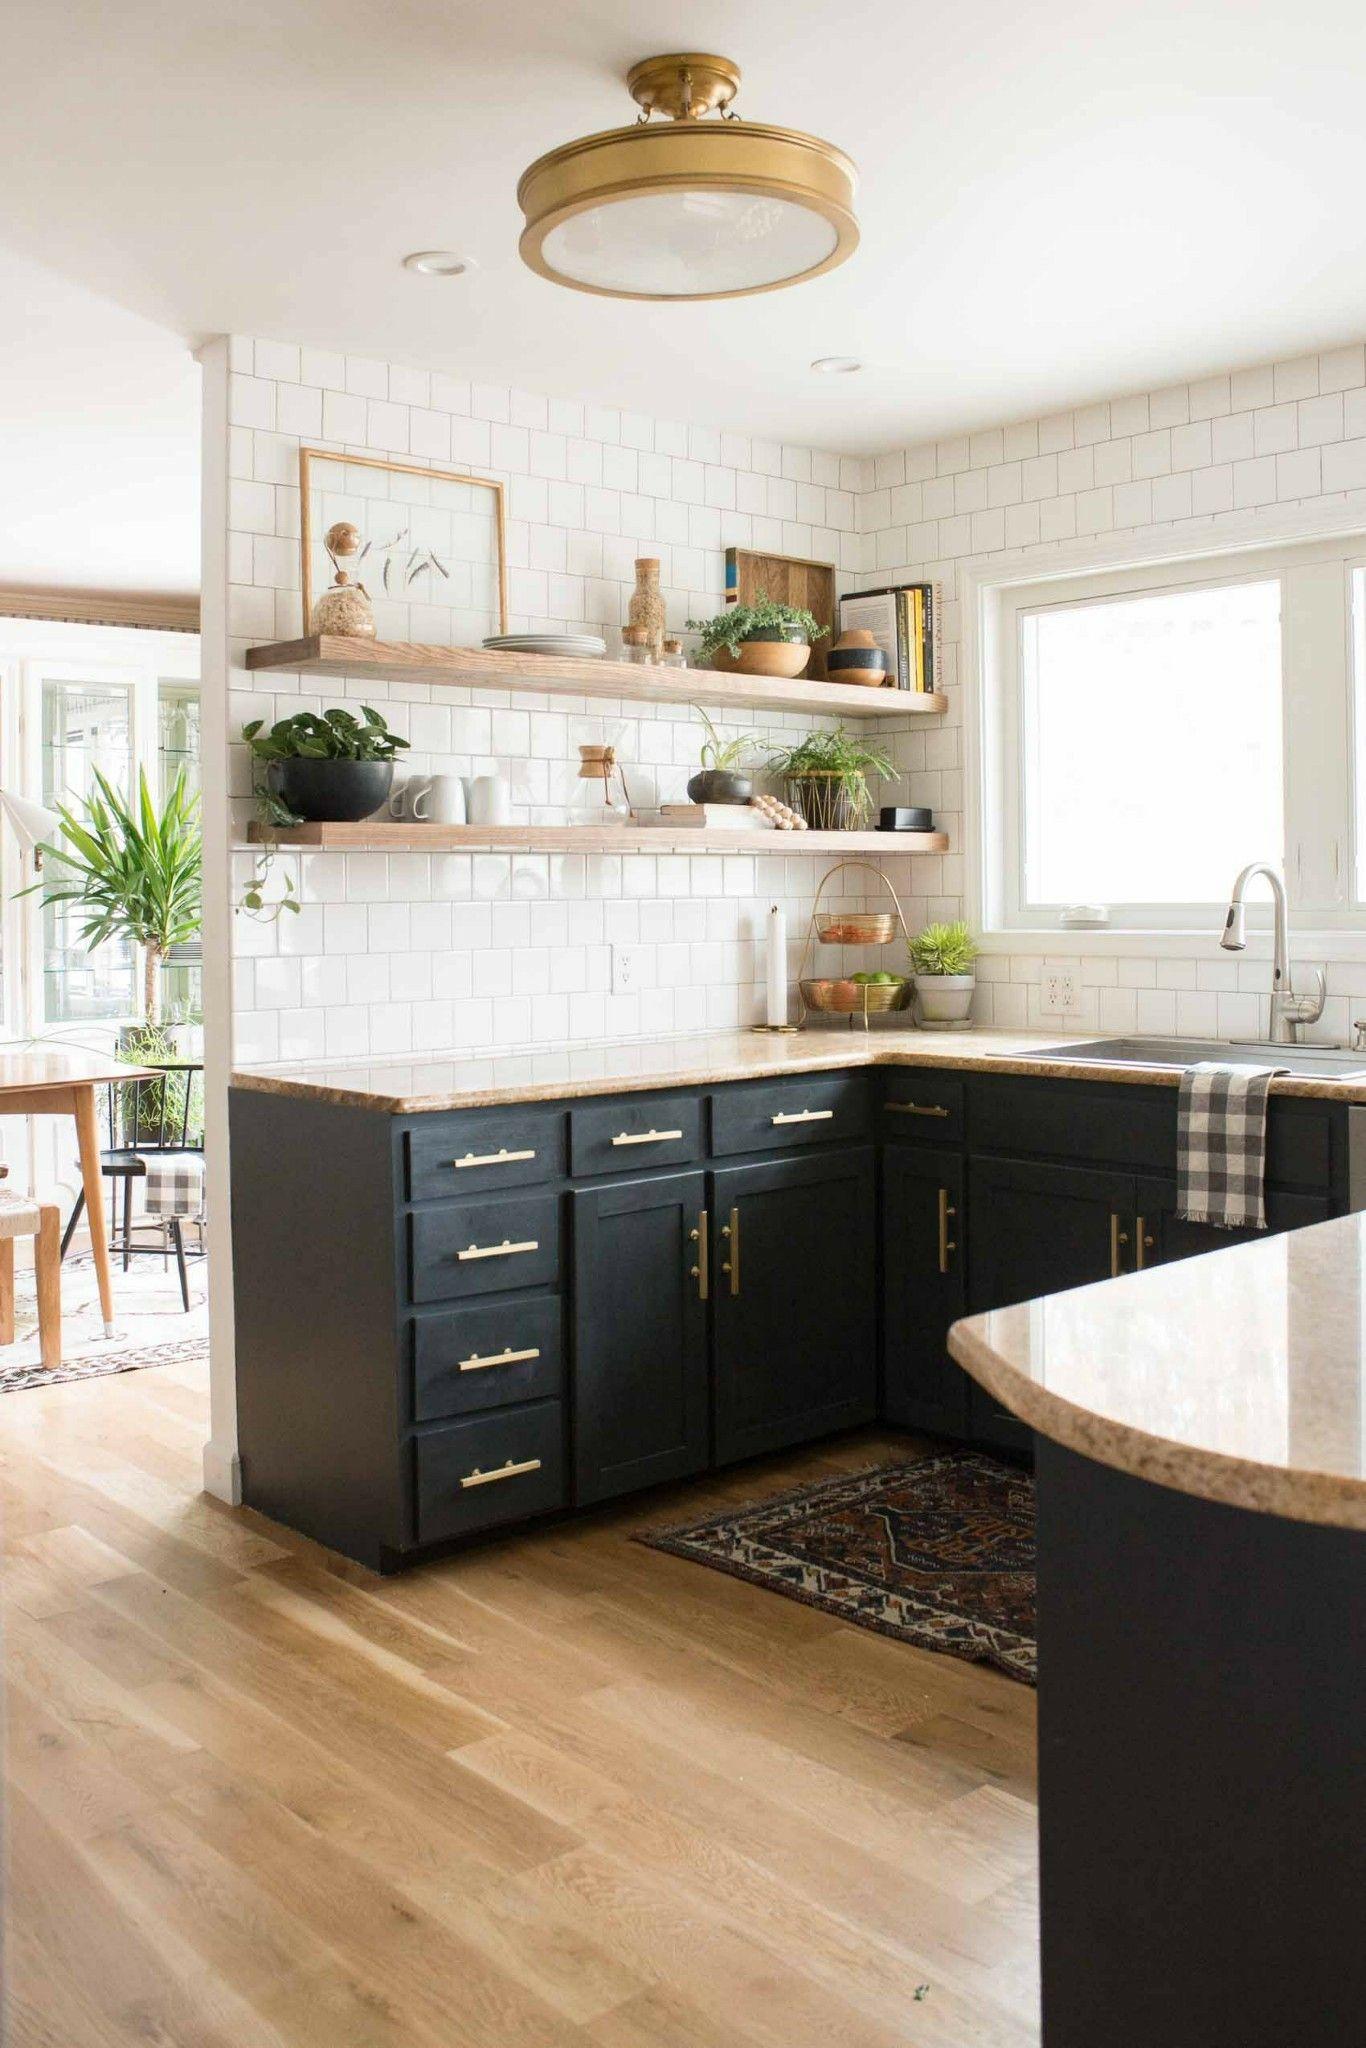 black in the kitchen   HOME DECOR   Pinterest   Die küche ...